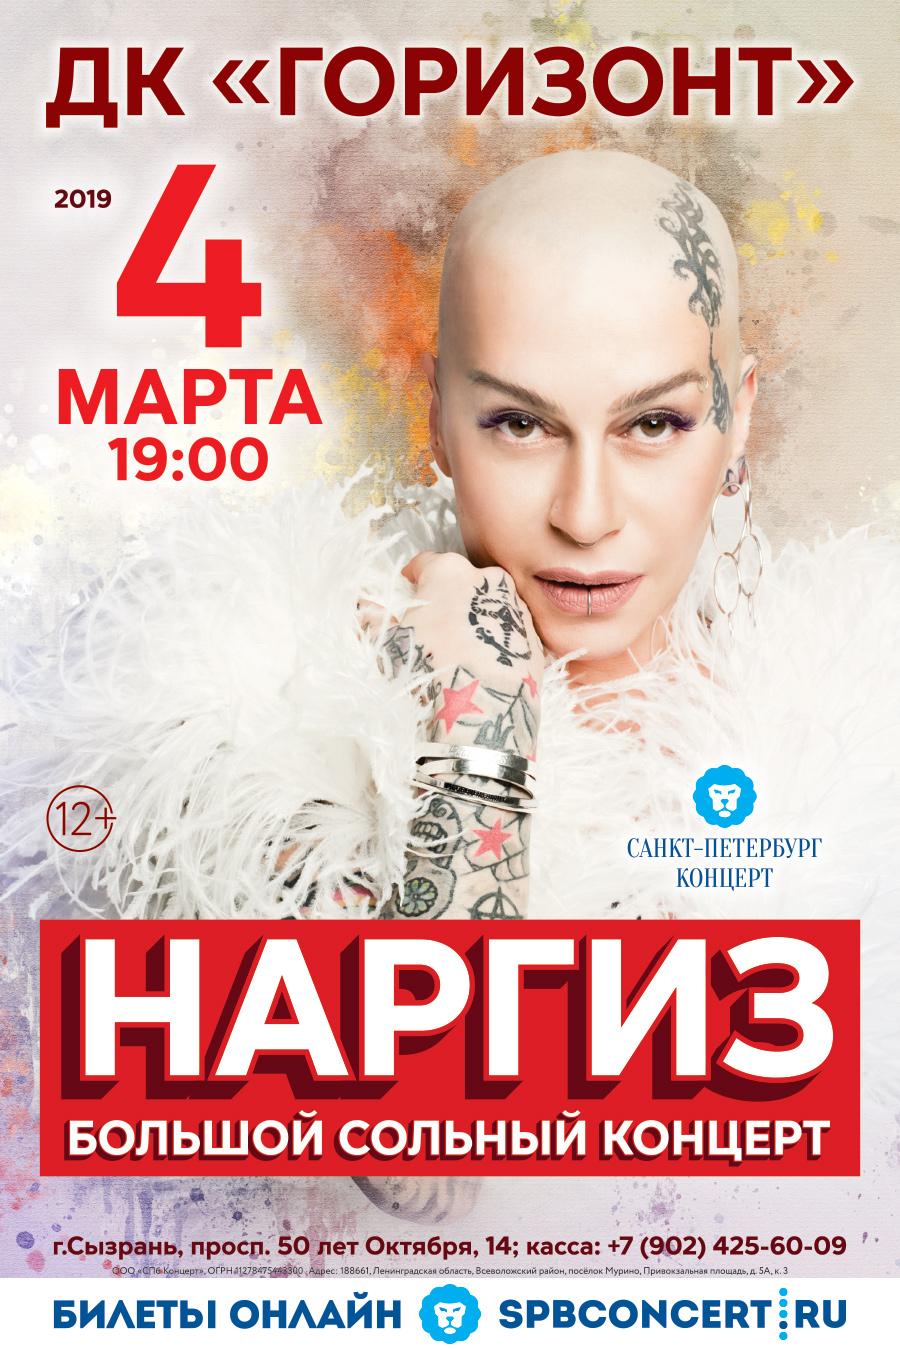 Выпуск билетов на концерт купить билеты на театр теней одесса